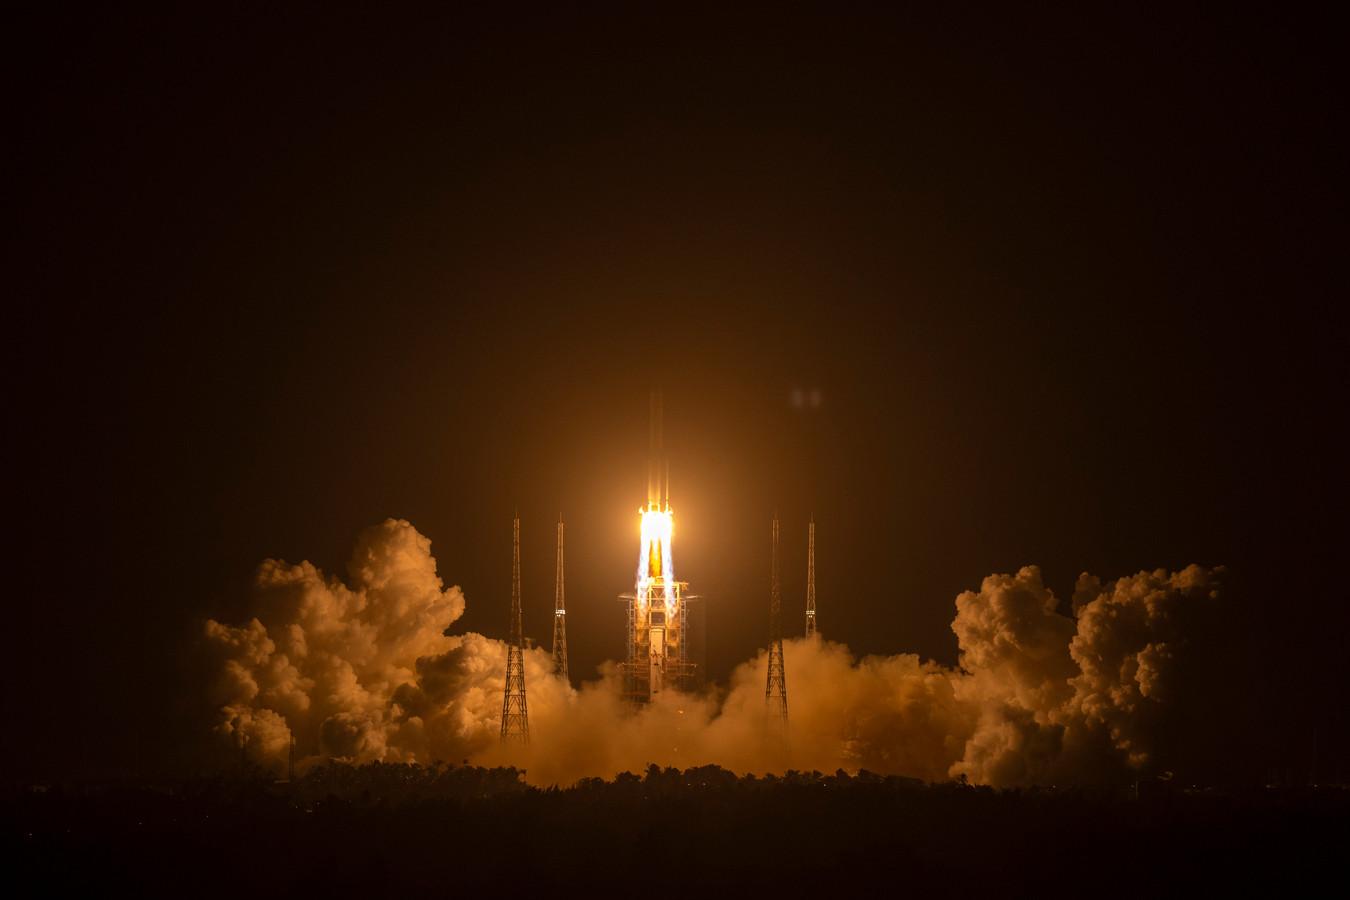 De verkenner werd op 24 november vanuit China richting de maan geschoten.